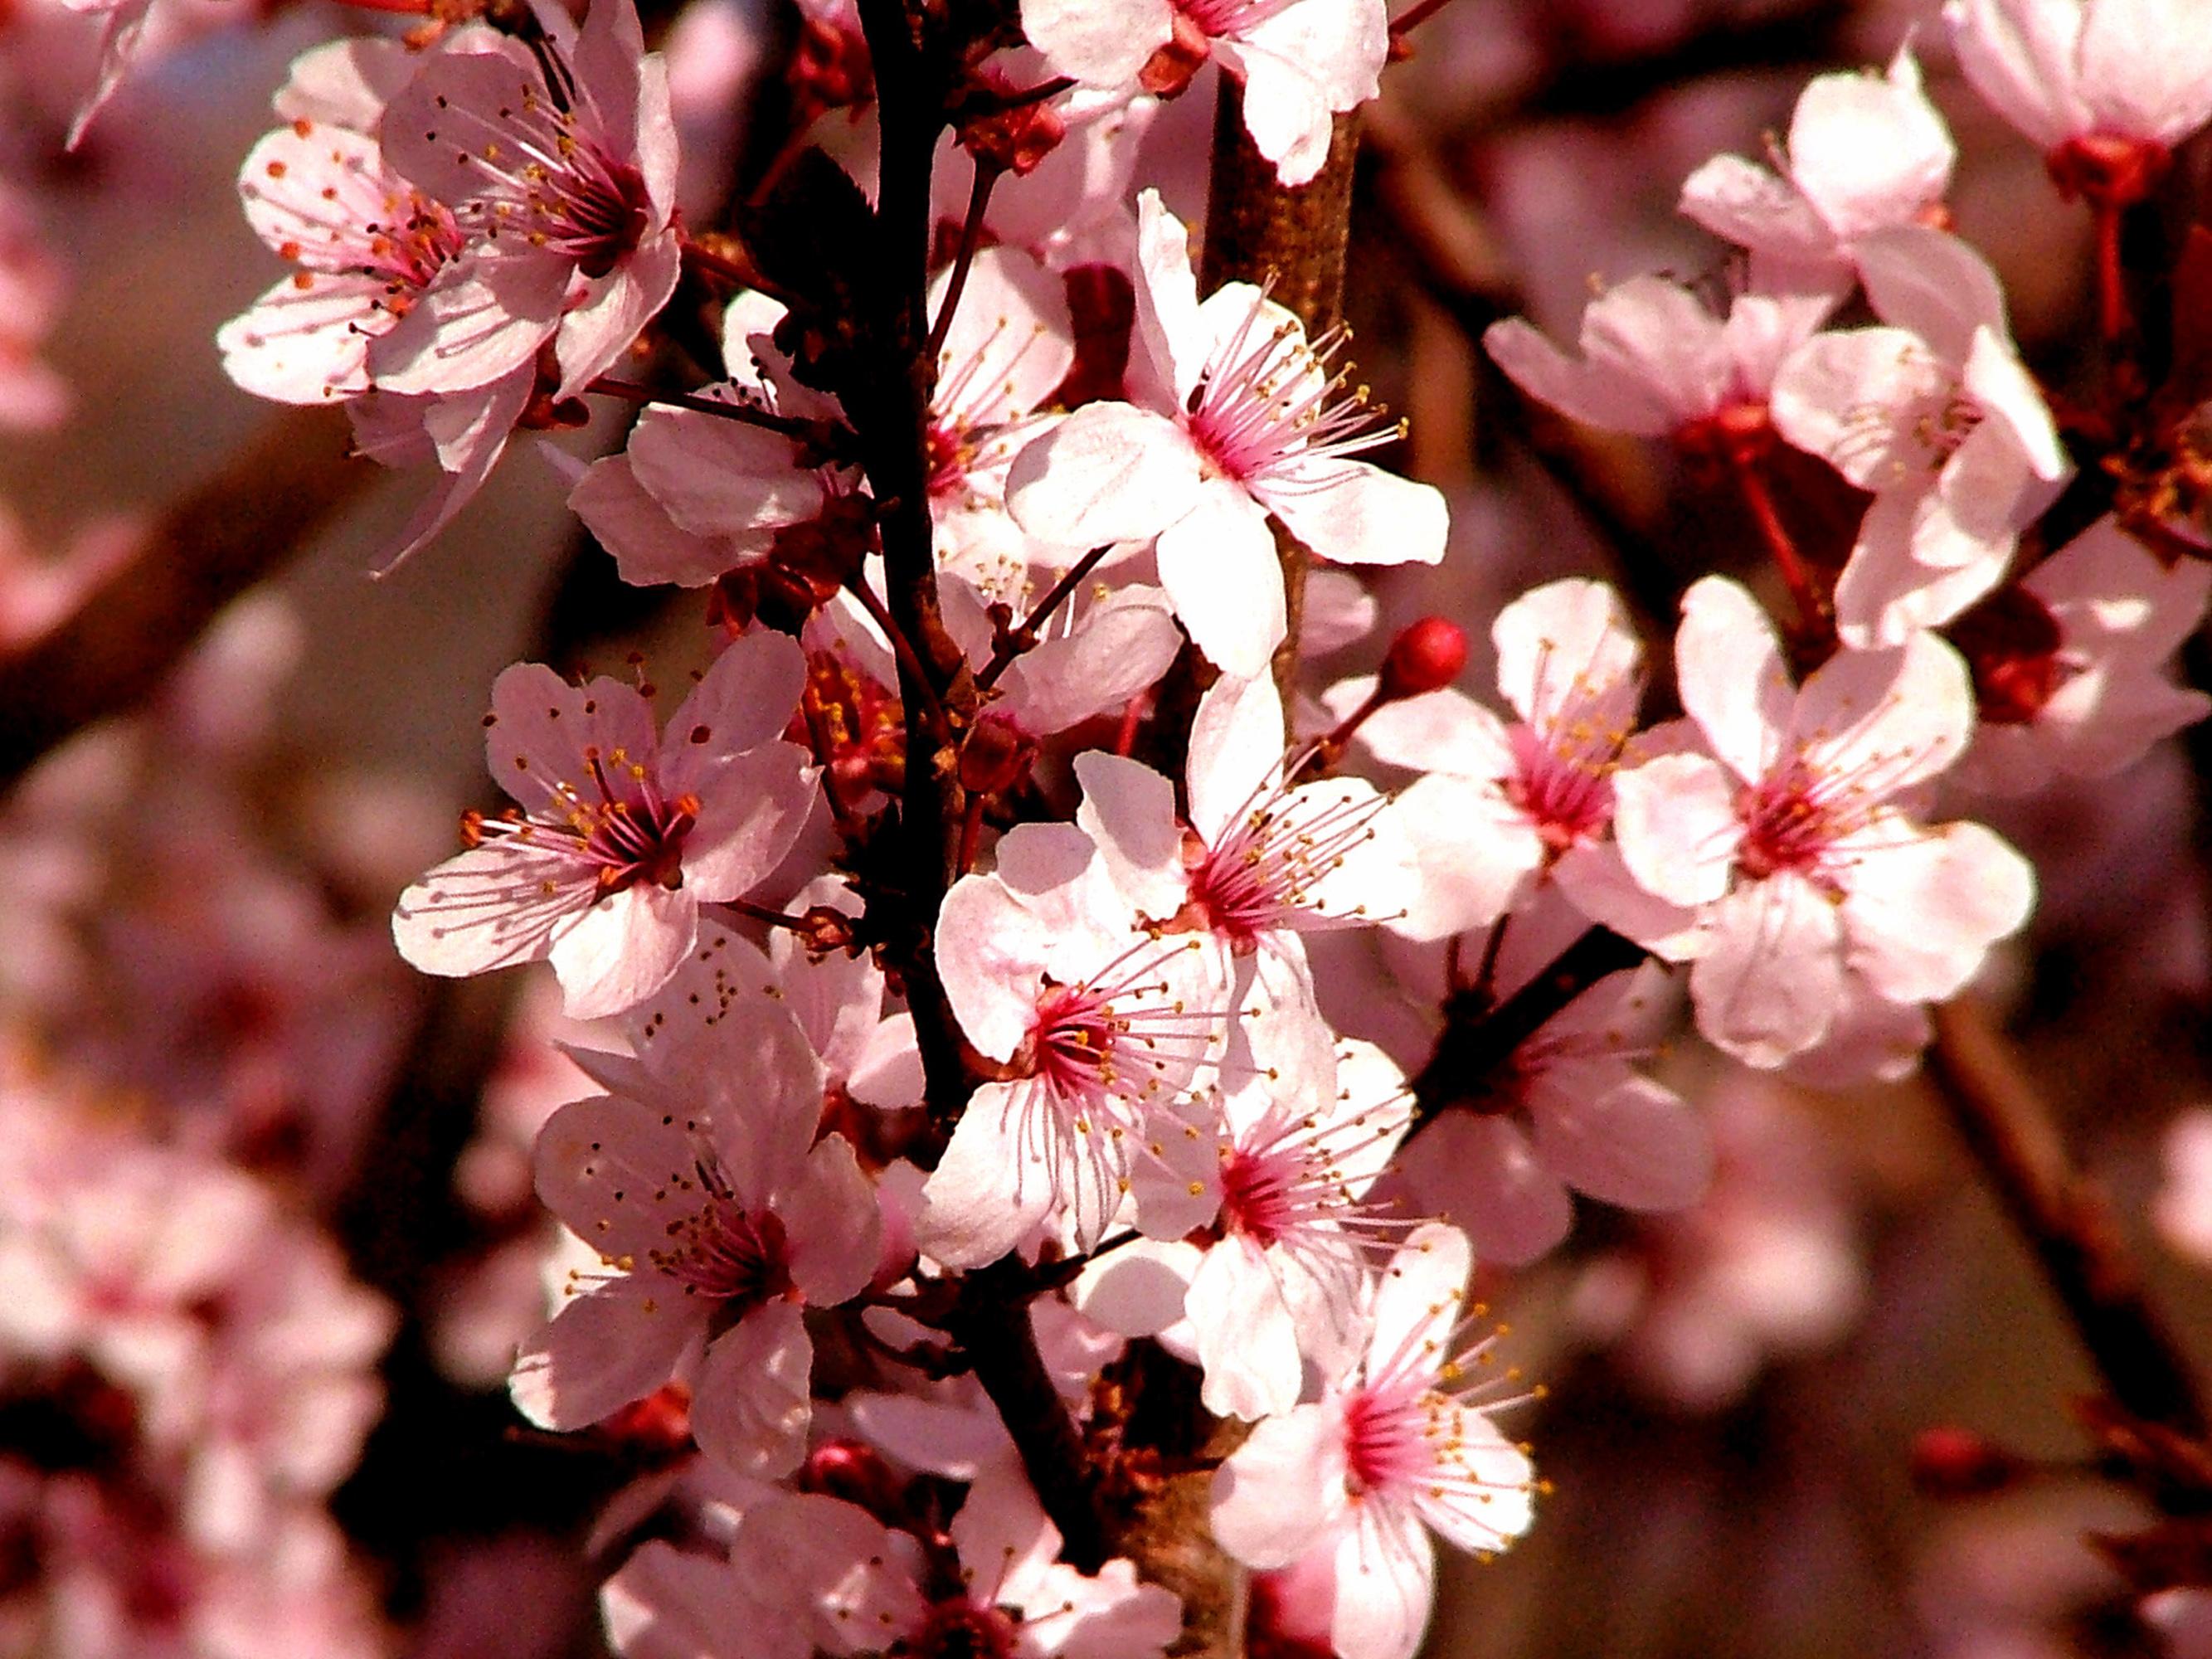 fractal cherry flower image